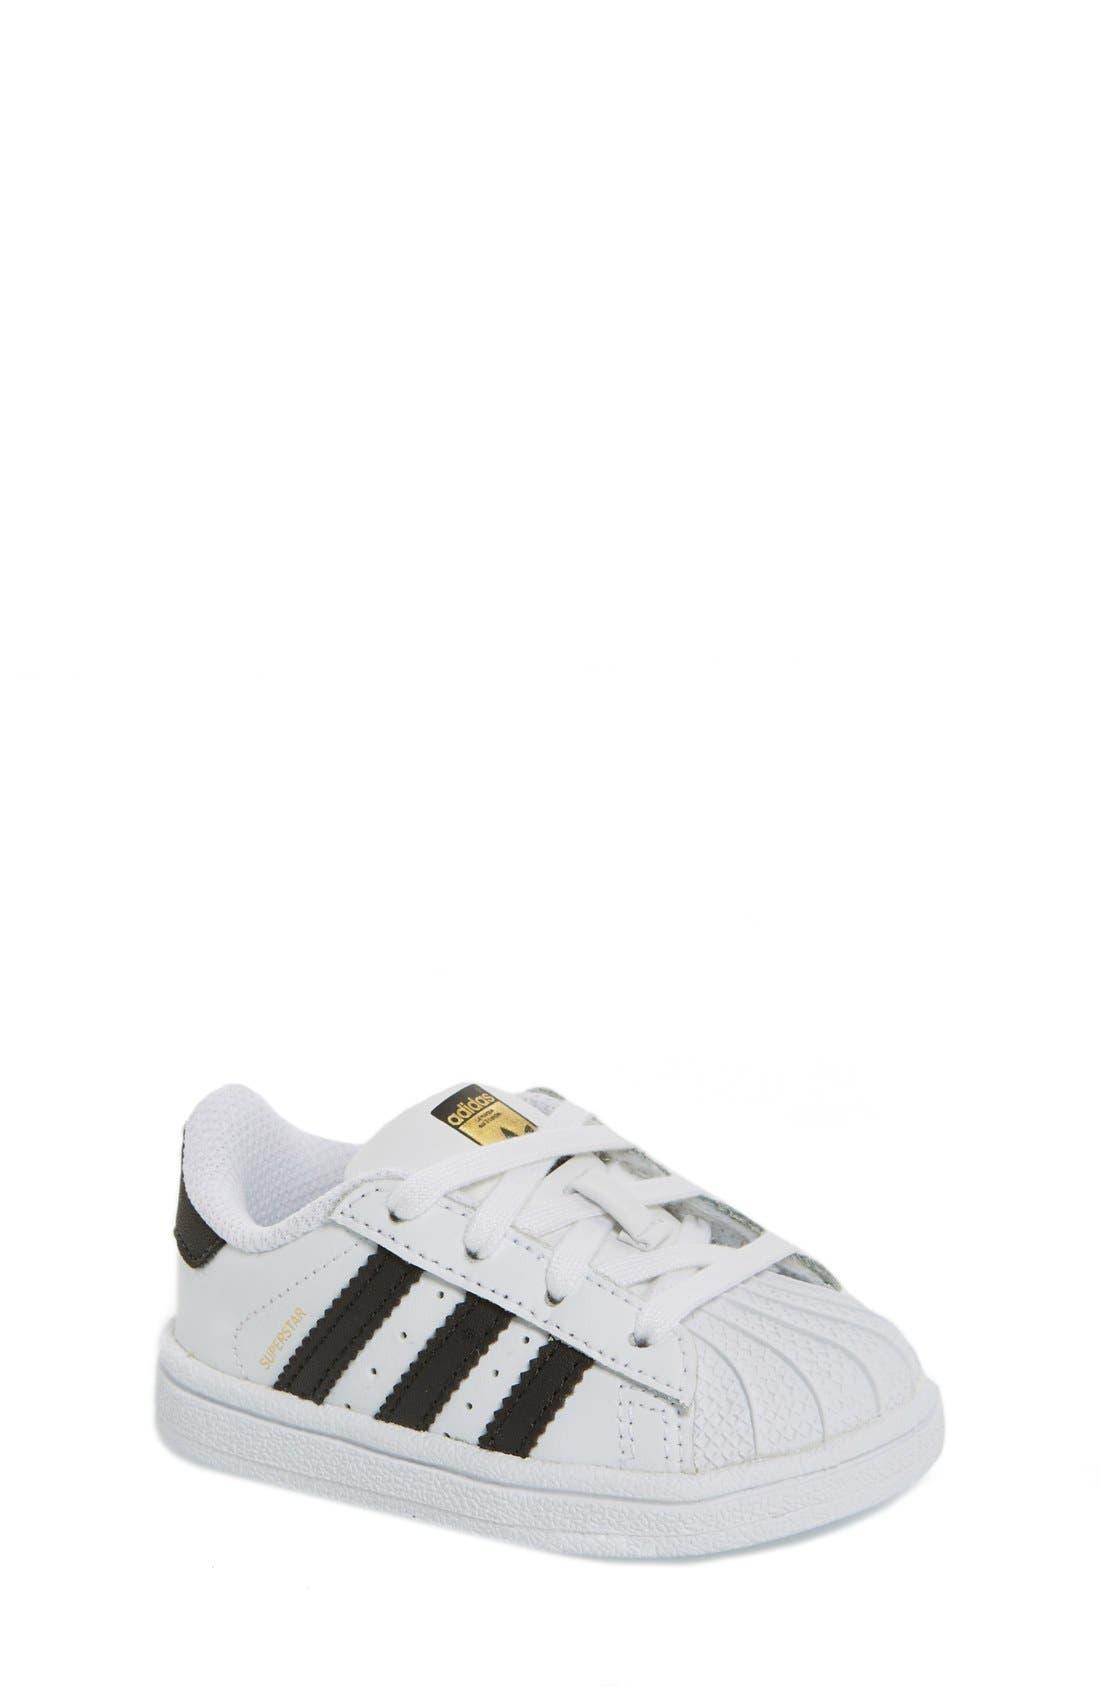 'Superstar' Sneaker,                             Main thumbnail 1, color,                             White/ Black